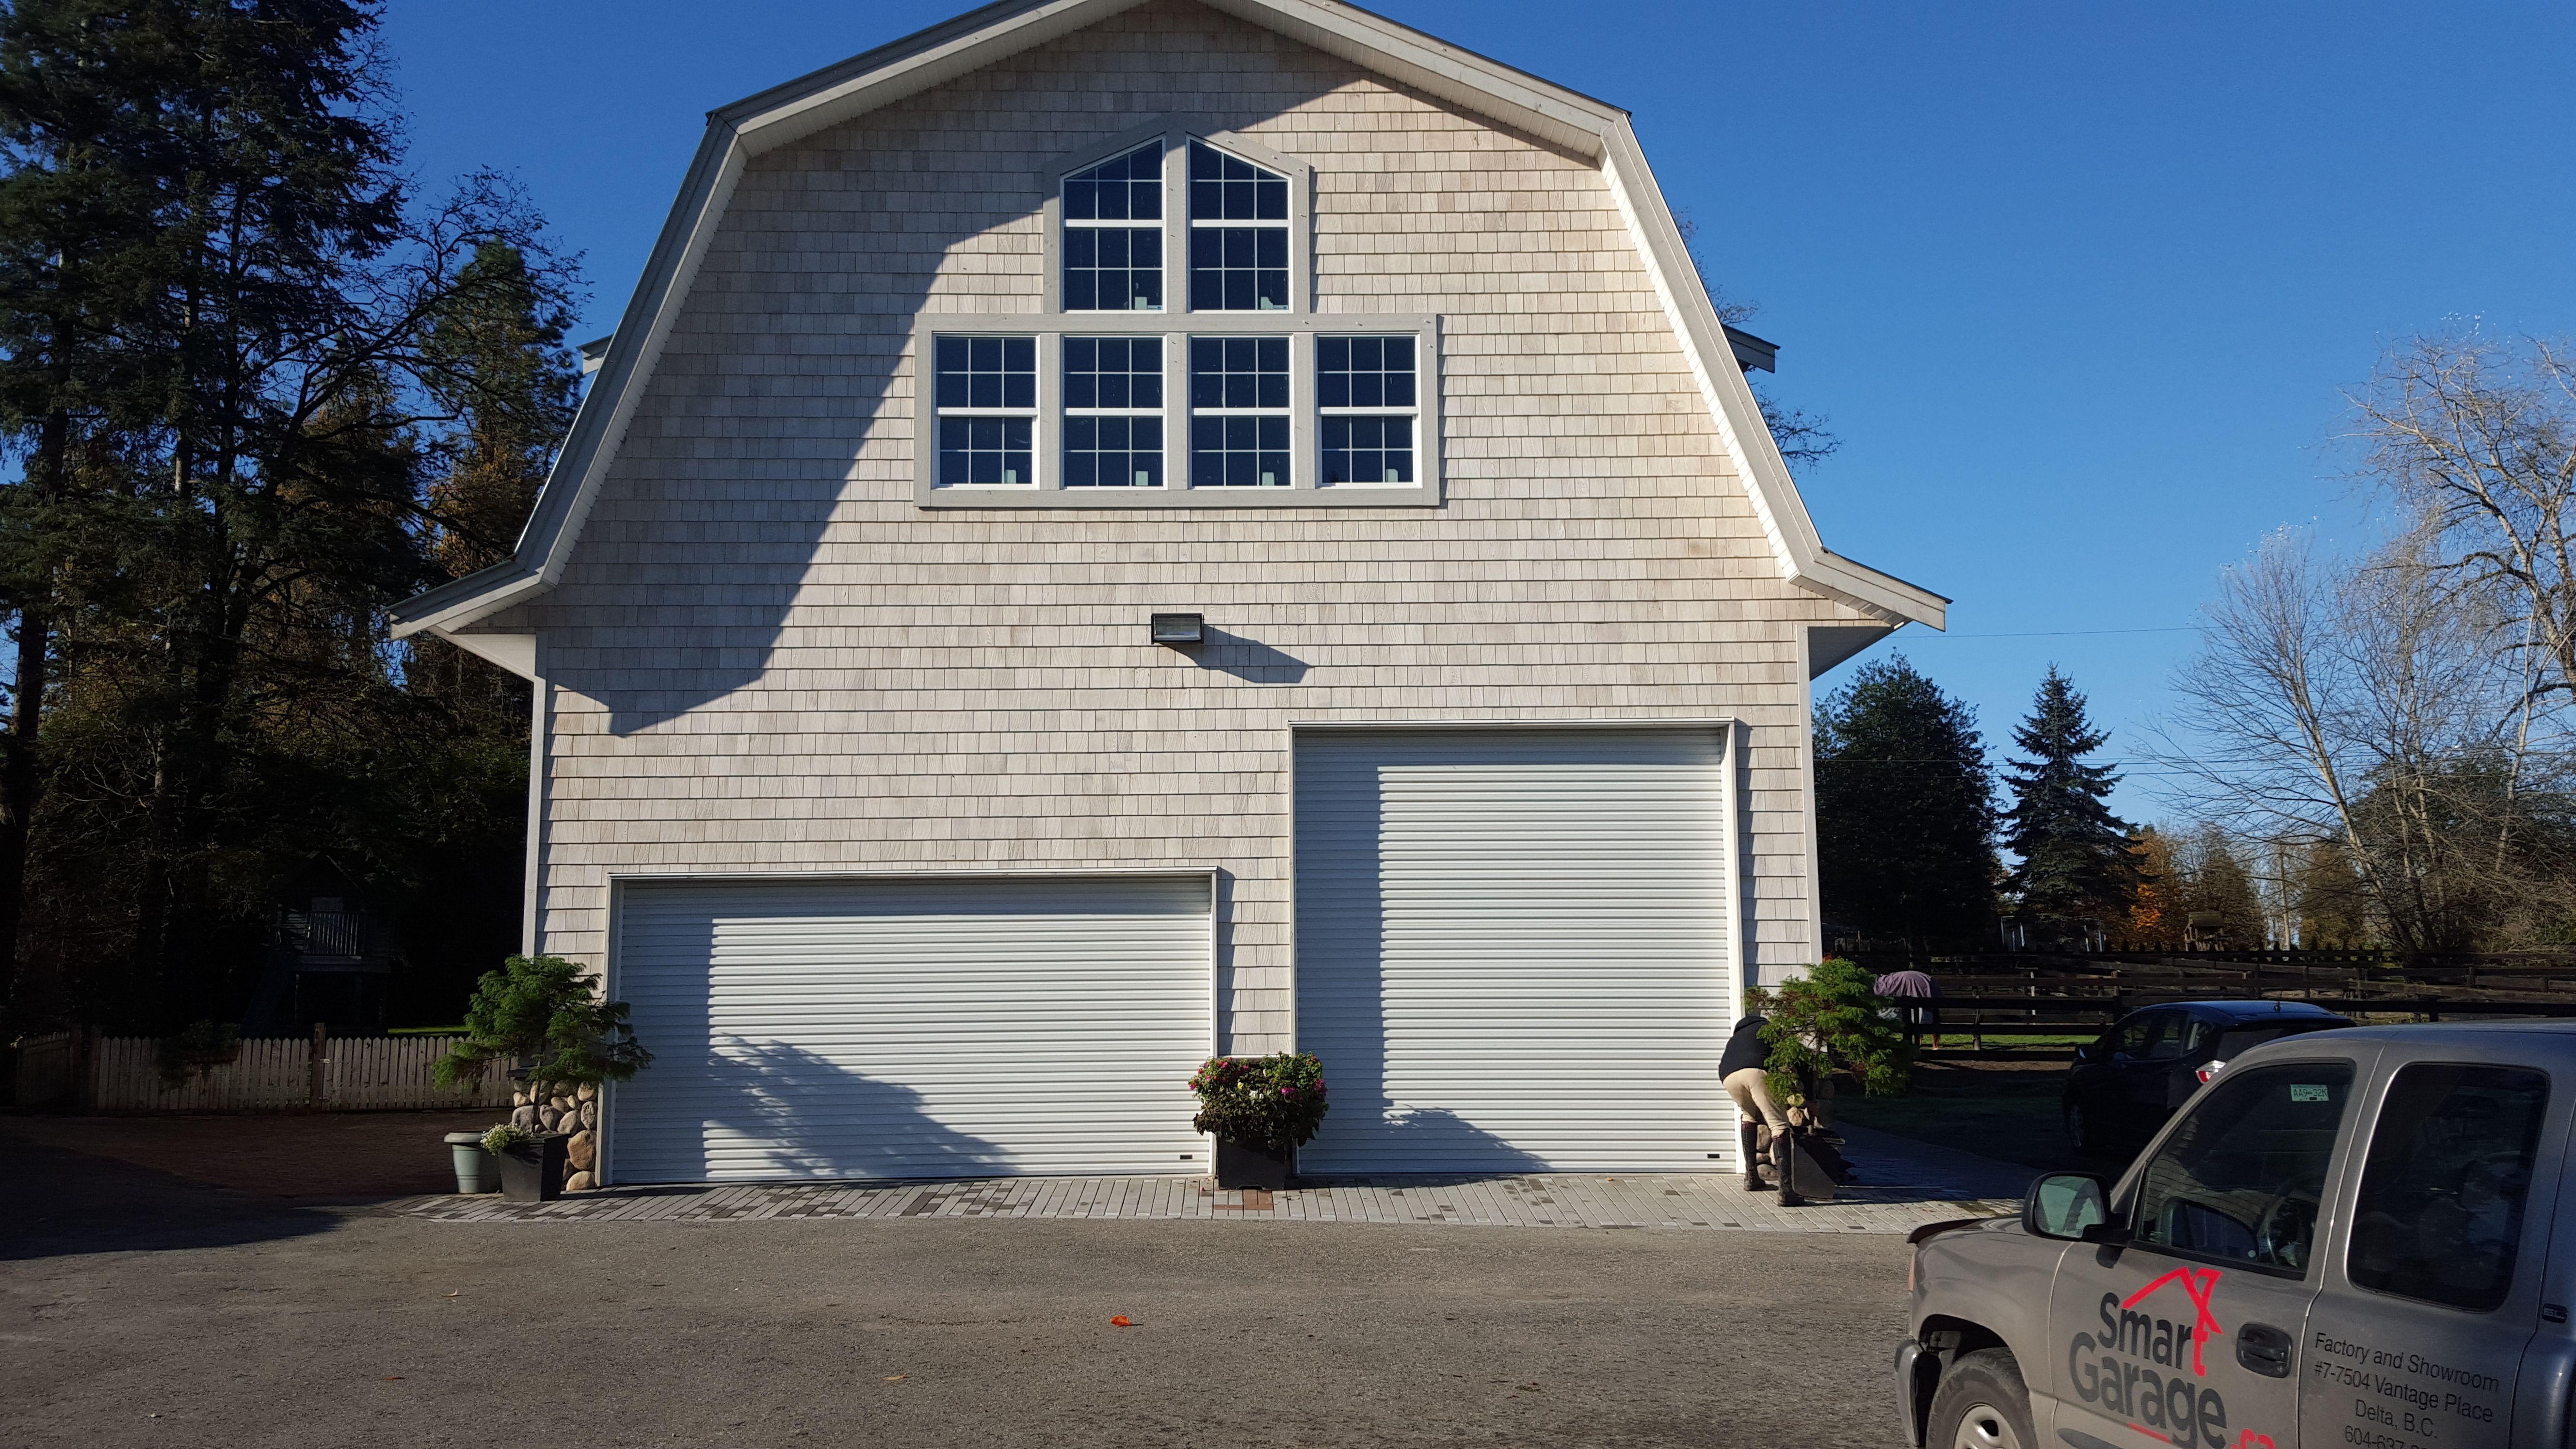 double garage doors #doublegaragedoor #smartgarage #rollupdoor #langley & double garage doors #doublegaragedoor #smartgarage #rollupdoor ... pezcame.com